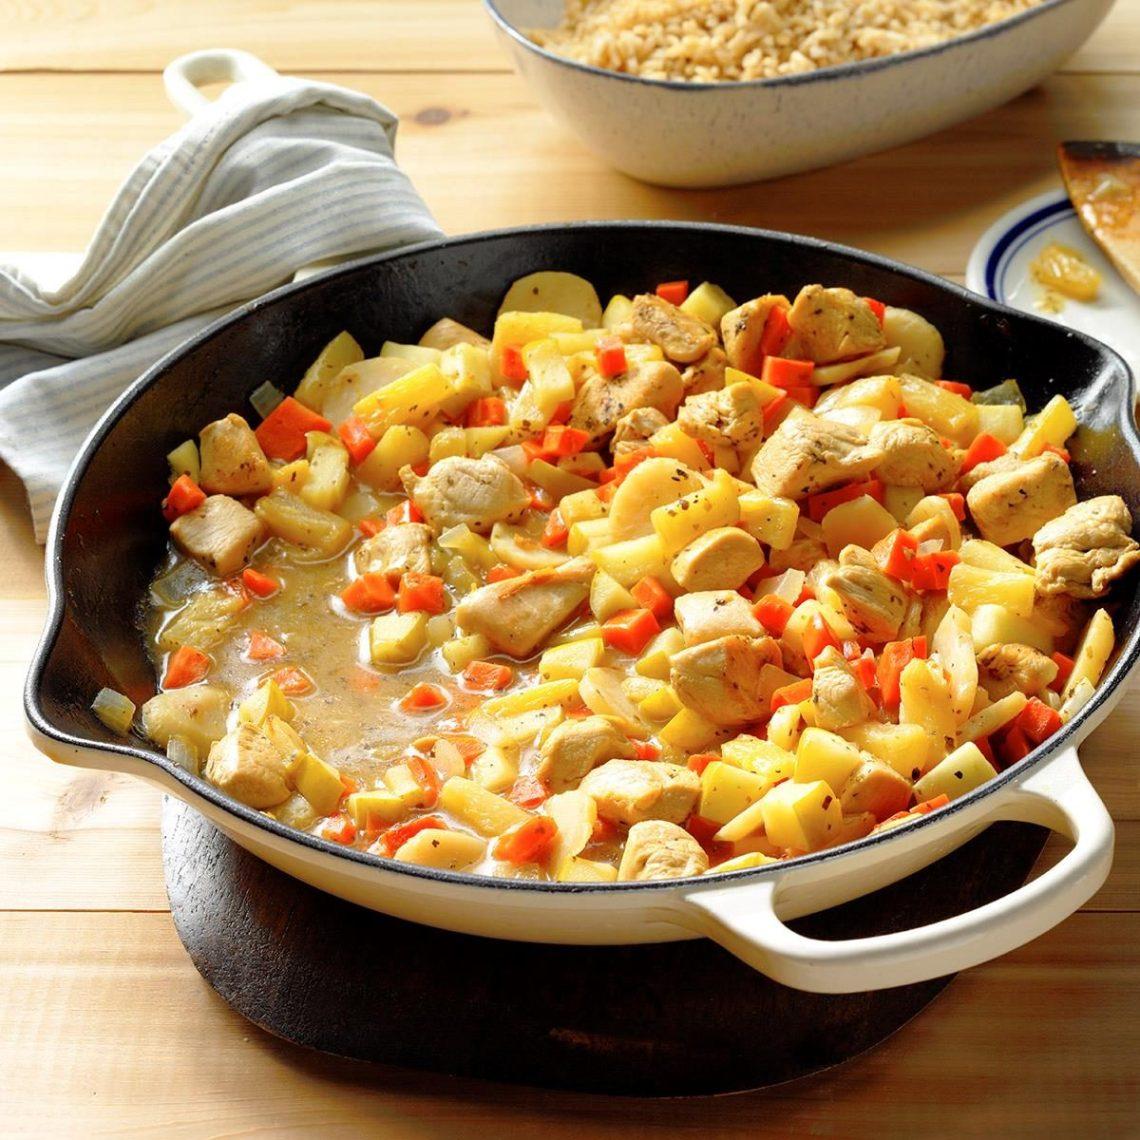 Weeknight Chicken Chop Suey Recipe: How to Make It | Taste ...